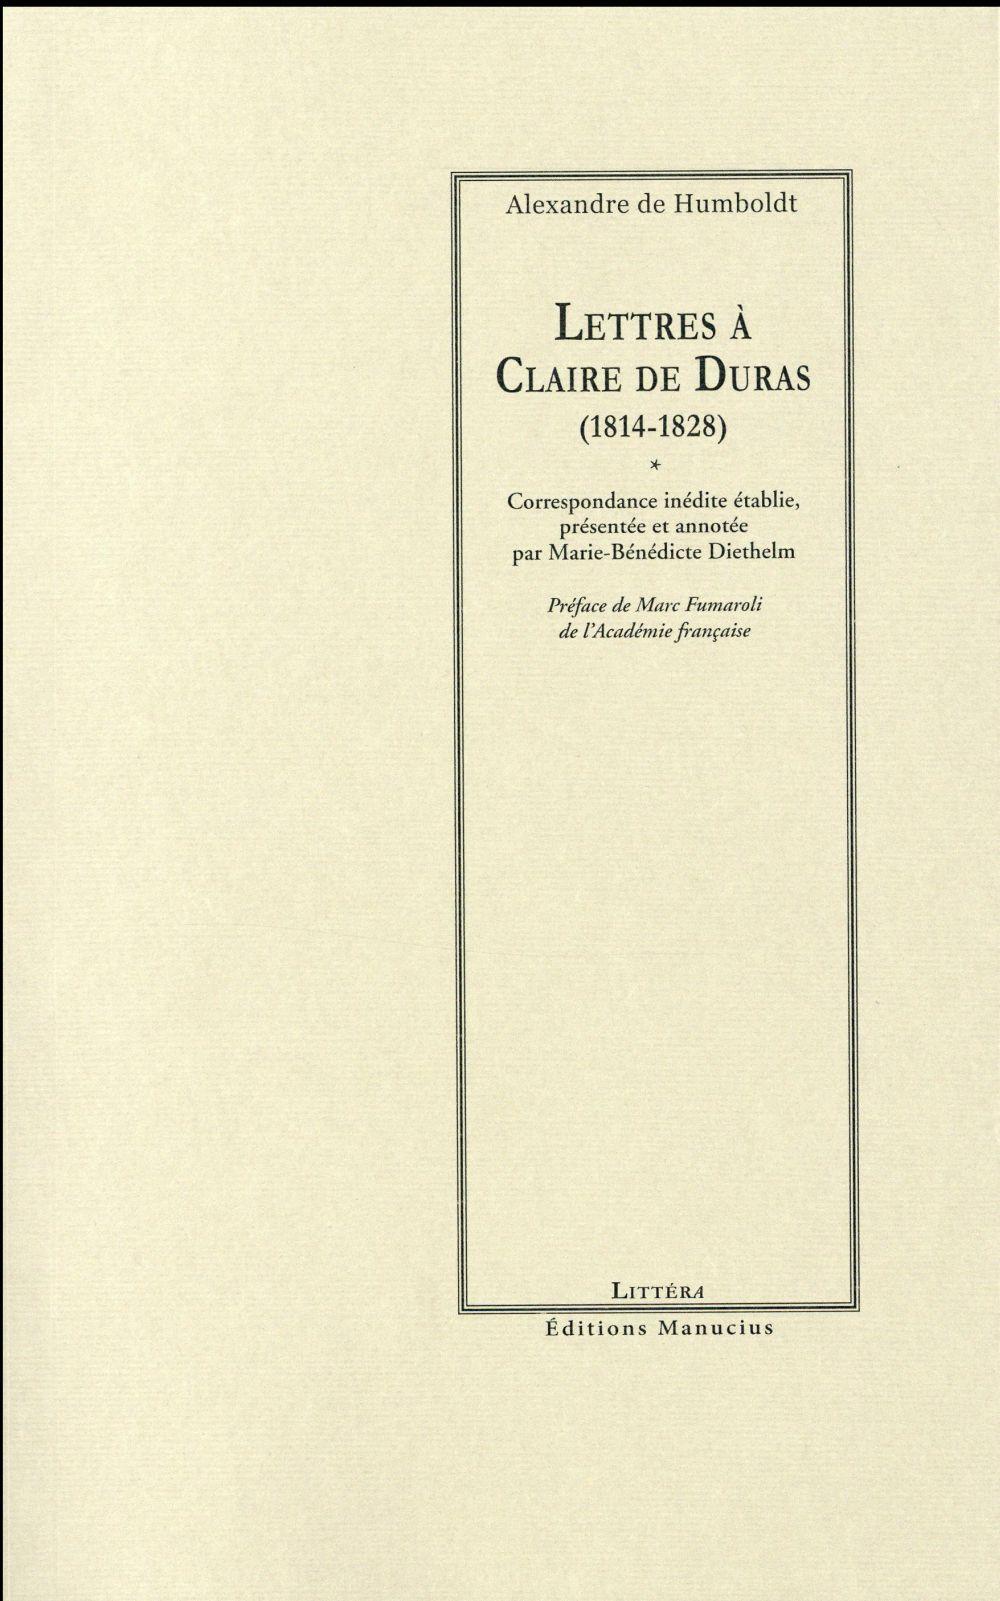 A. de Humboldt, Lettres à Claire de Duras (1814-1828)